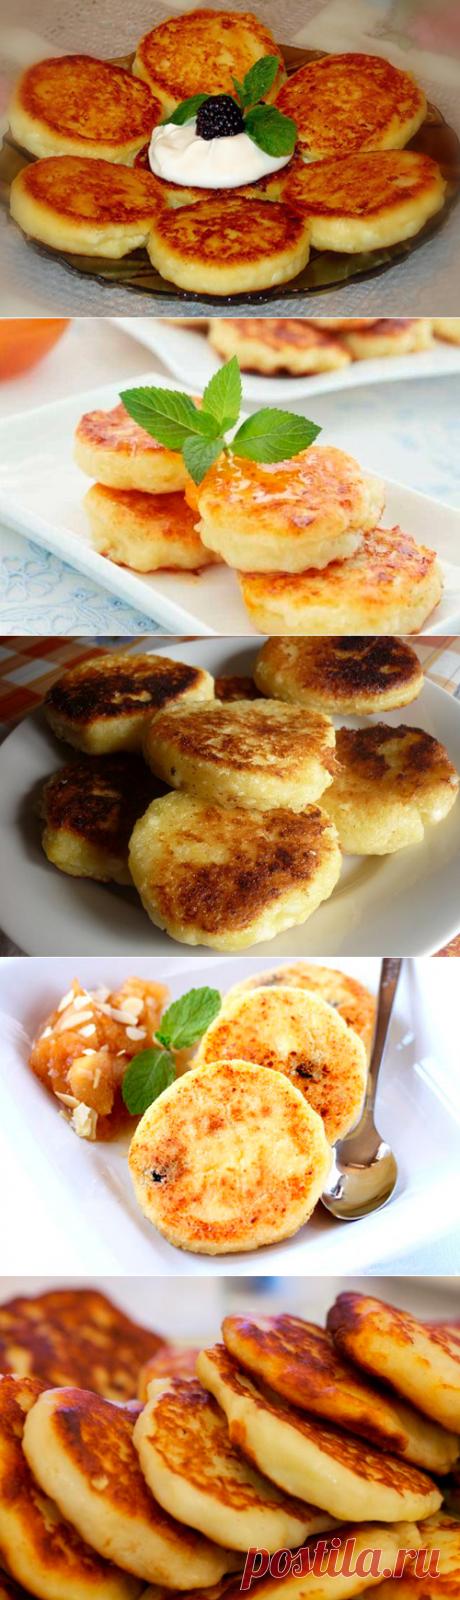 Сырники из творога - классические, с манкой, пышные, в духовке - лучшие рецепты. Как правильно приготовить сырники из творога